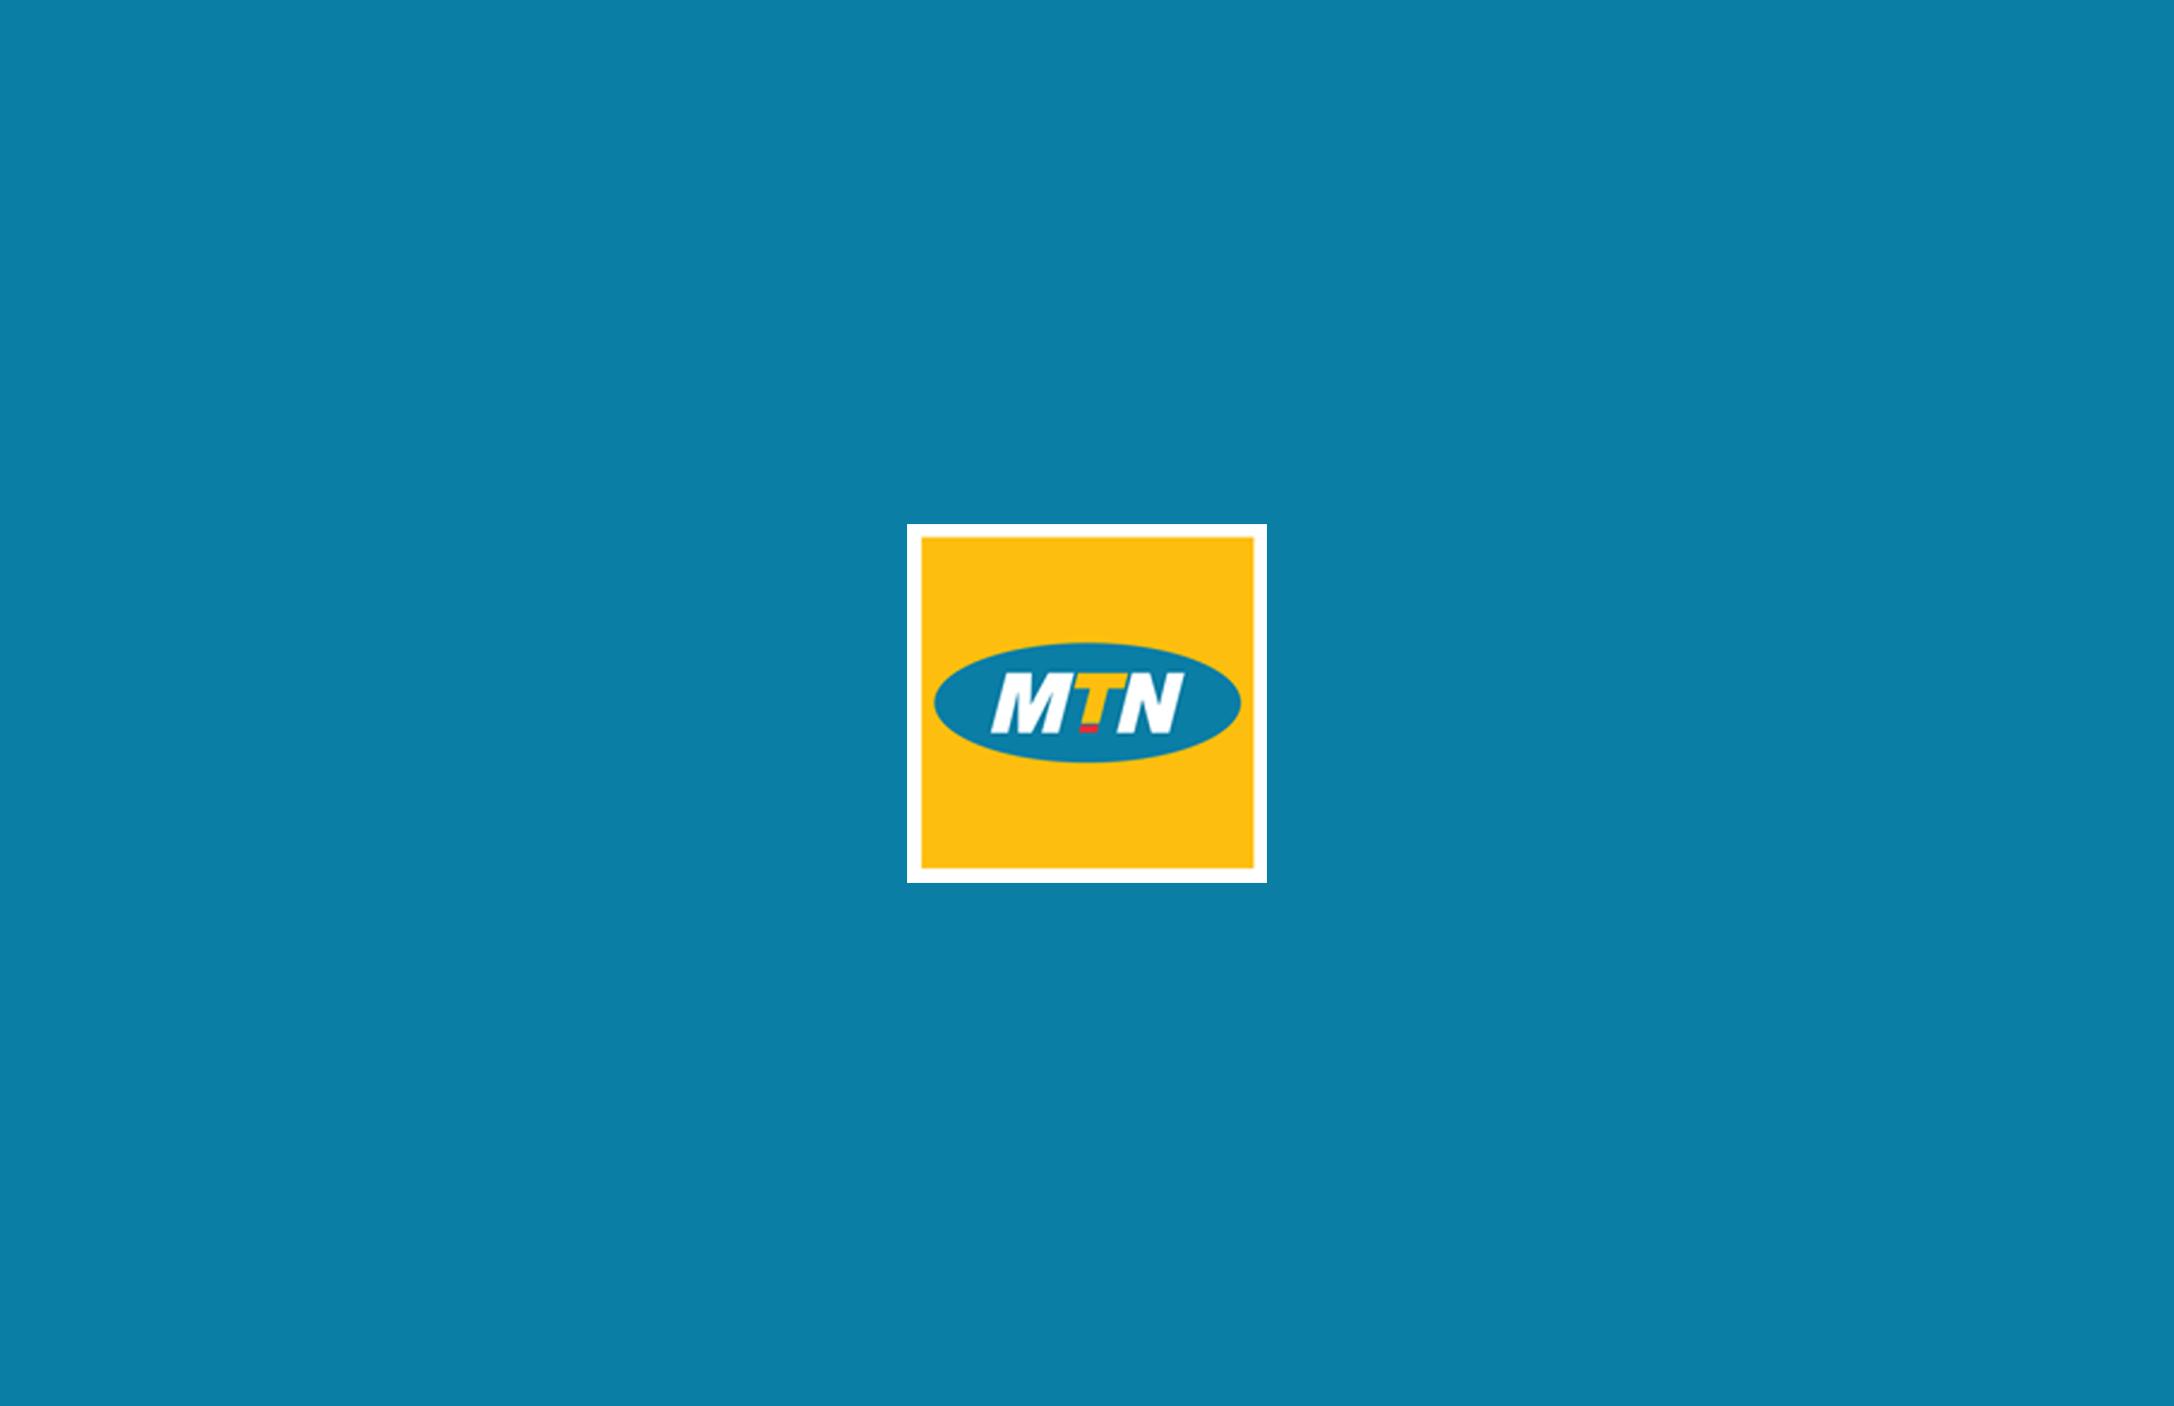 مركز السويداء MTN